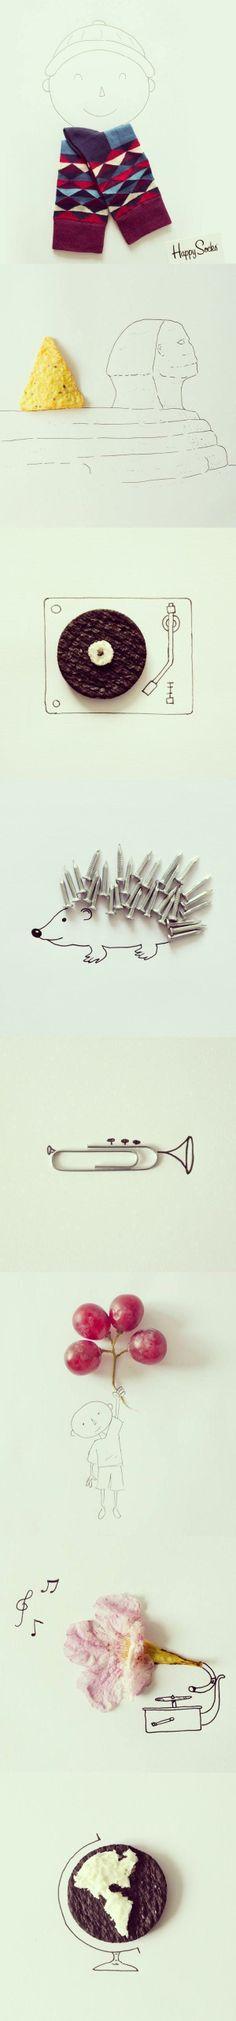 Imaginative Illustrations by Javier Pérez